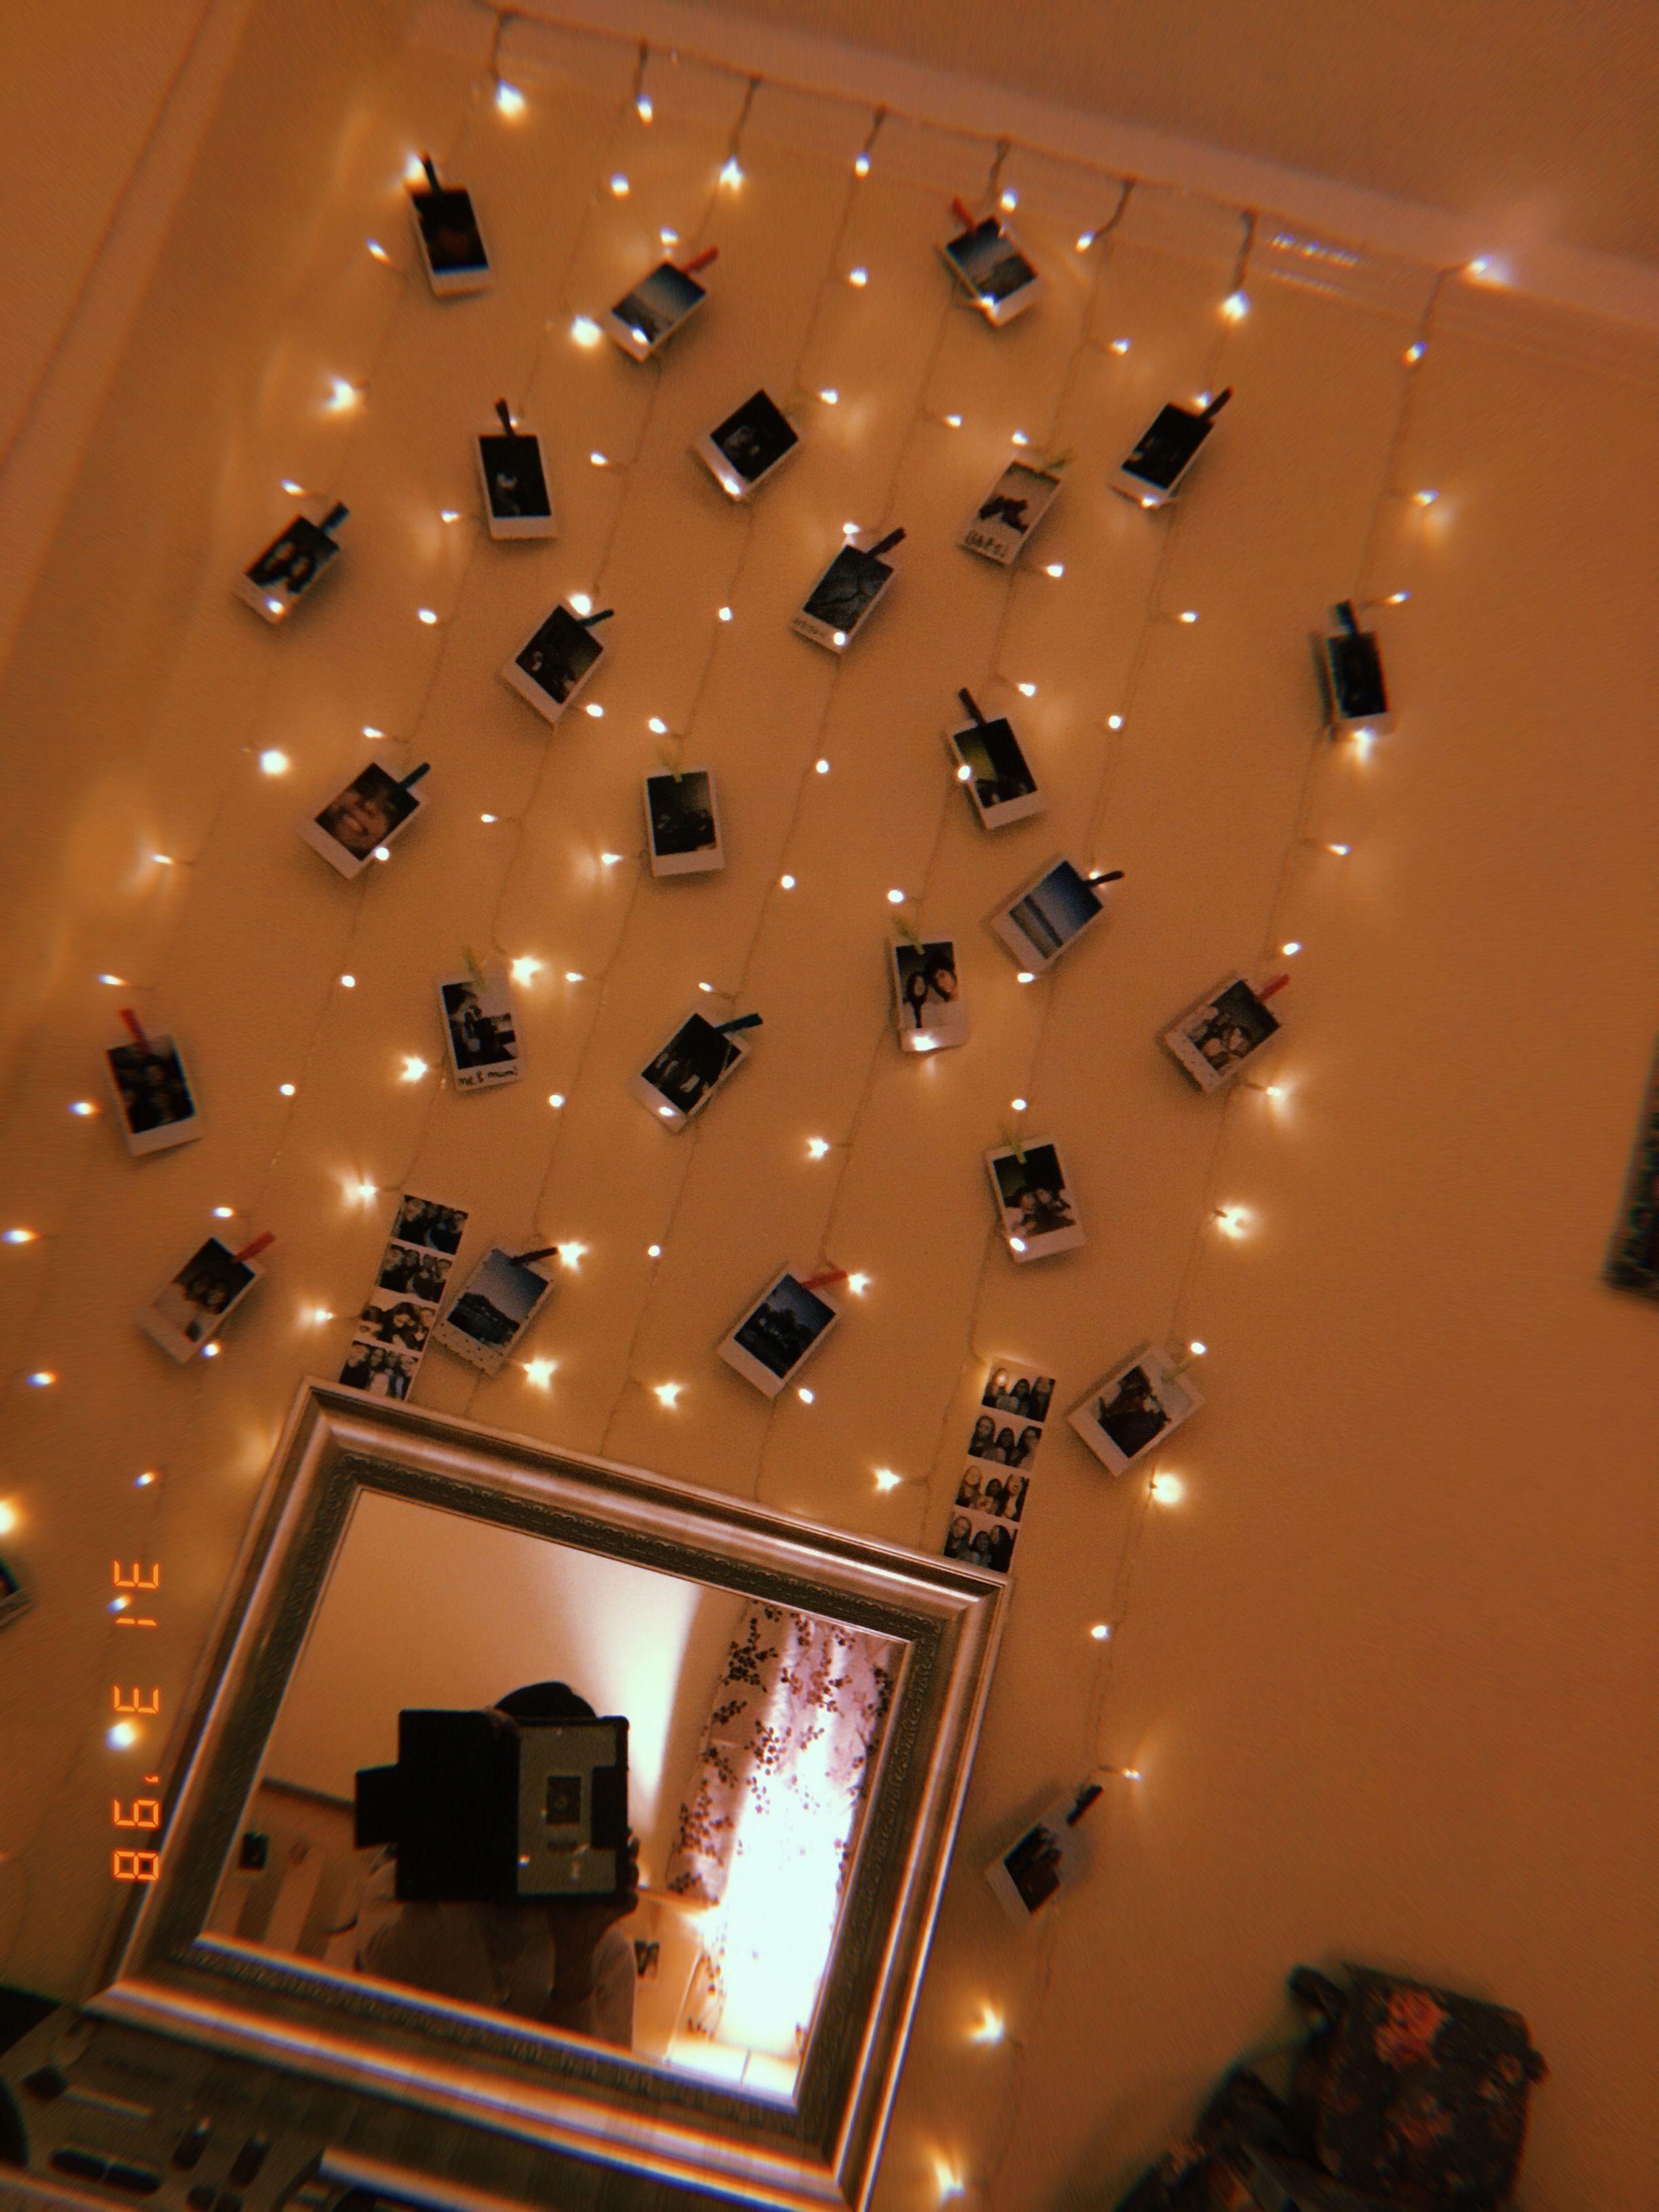 Fairy Lights Polaroid Display Tumblr Bedroom Aesthetic Decor Polaroid Display Polaroid Displ In 2020 Fairy Lights Bedroom Diy Room Decor For Teens Polaroid Display